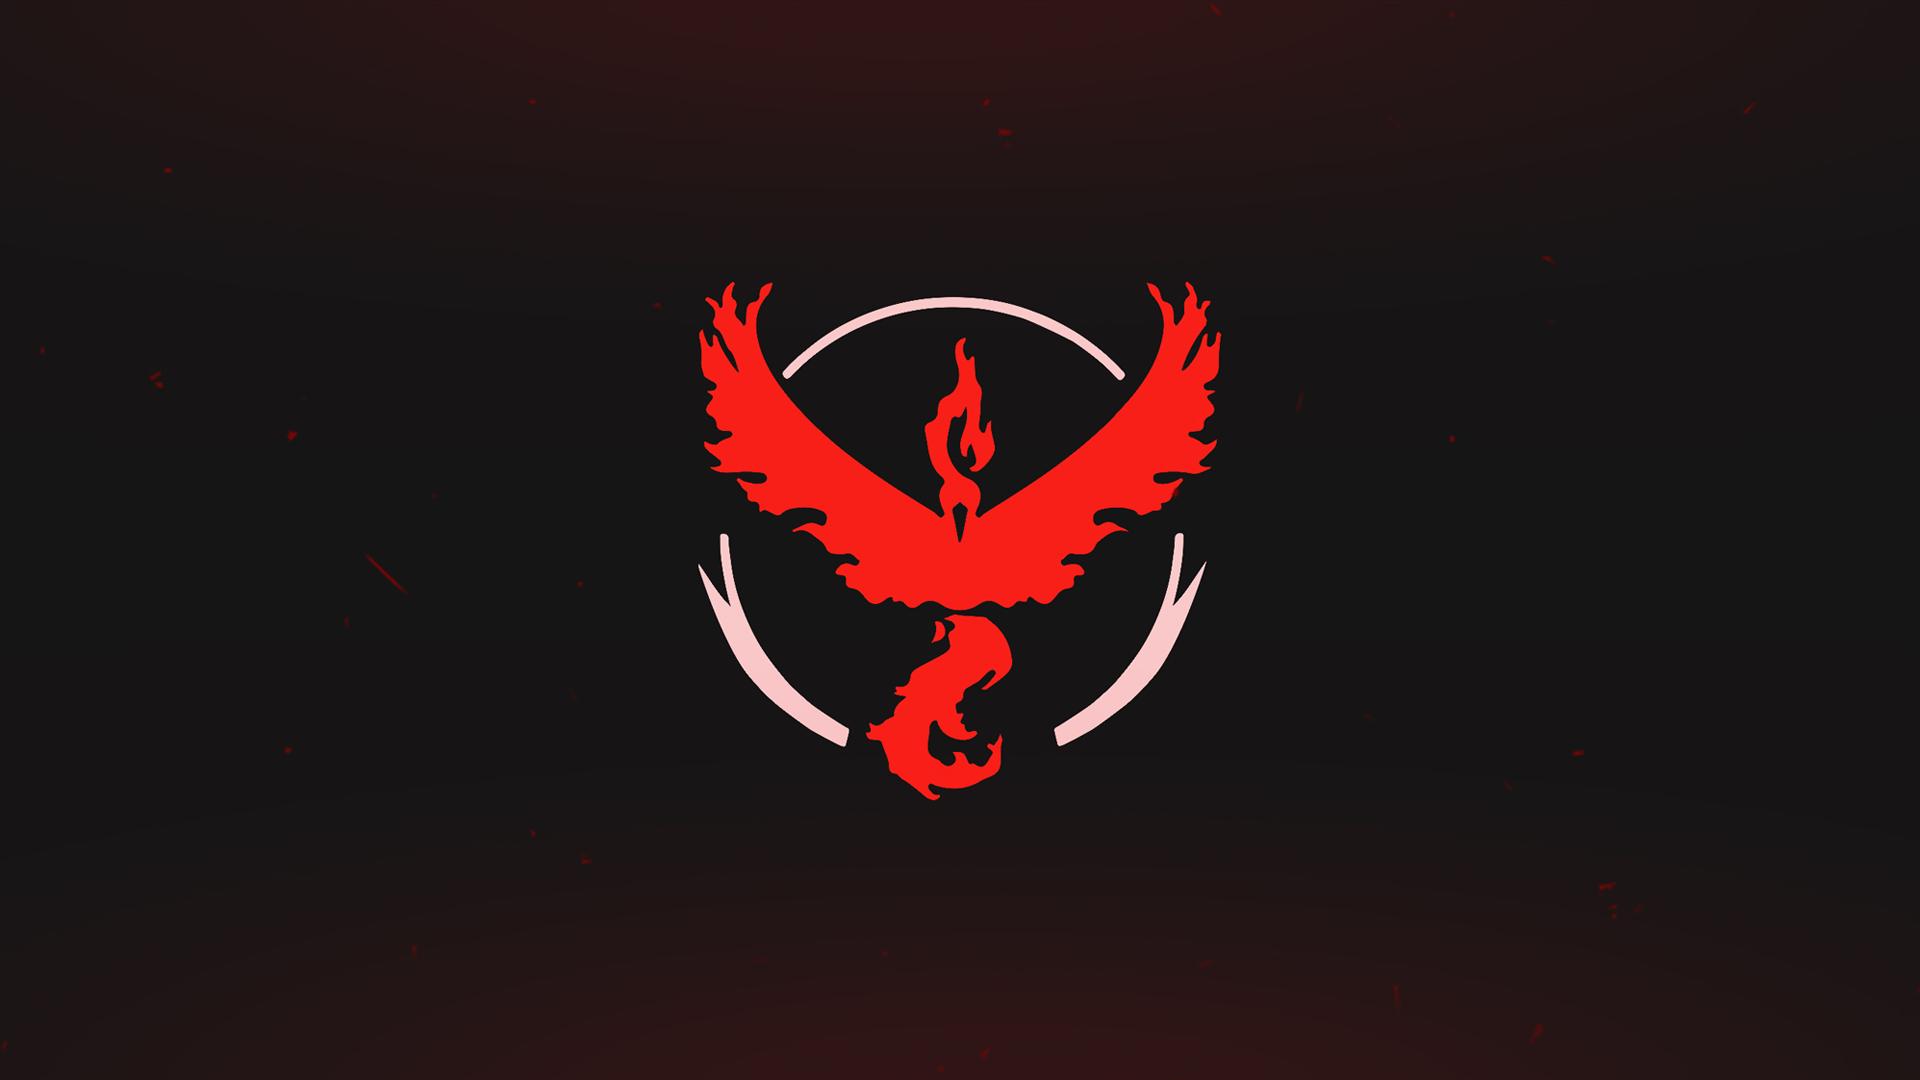 Wallpaper : illustration, heart, red, logo, Pokemon Go